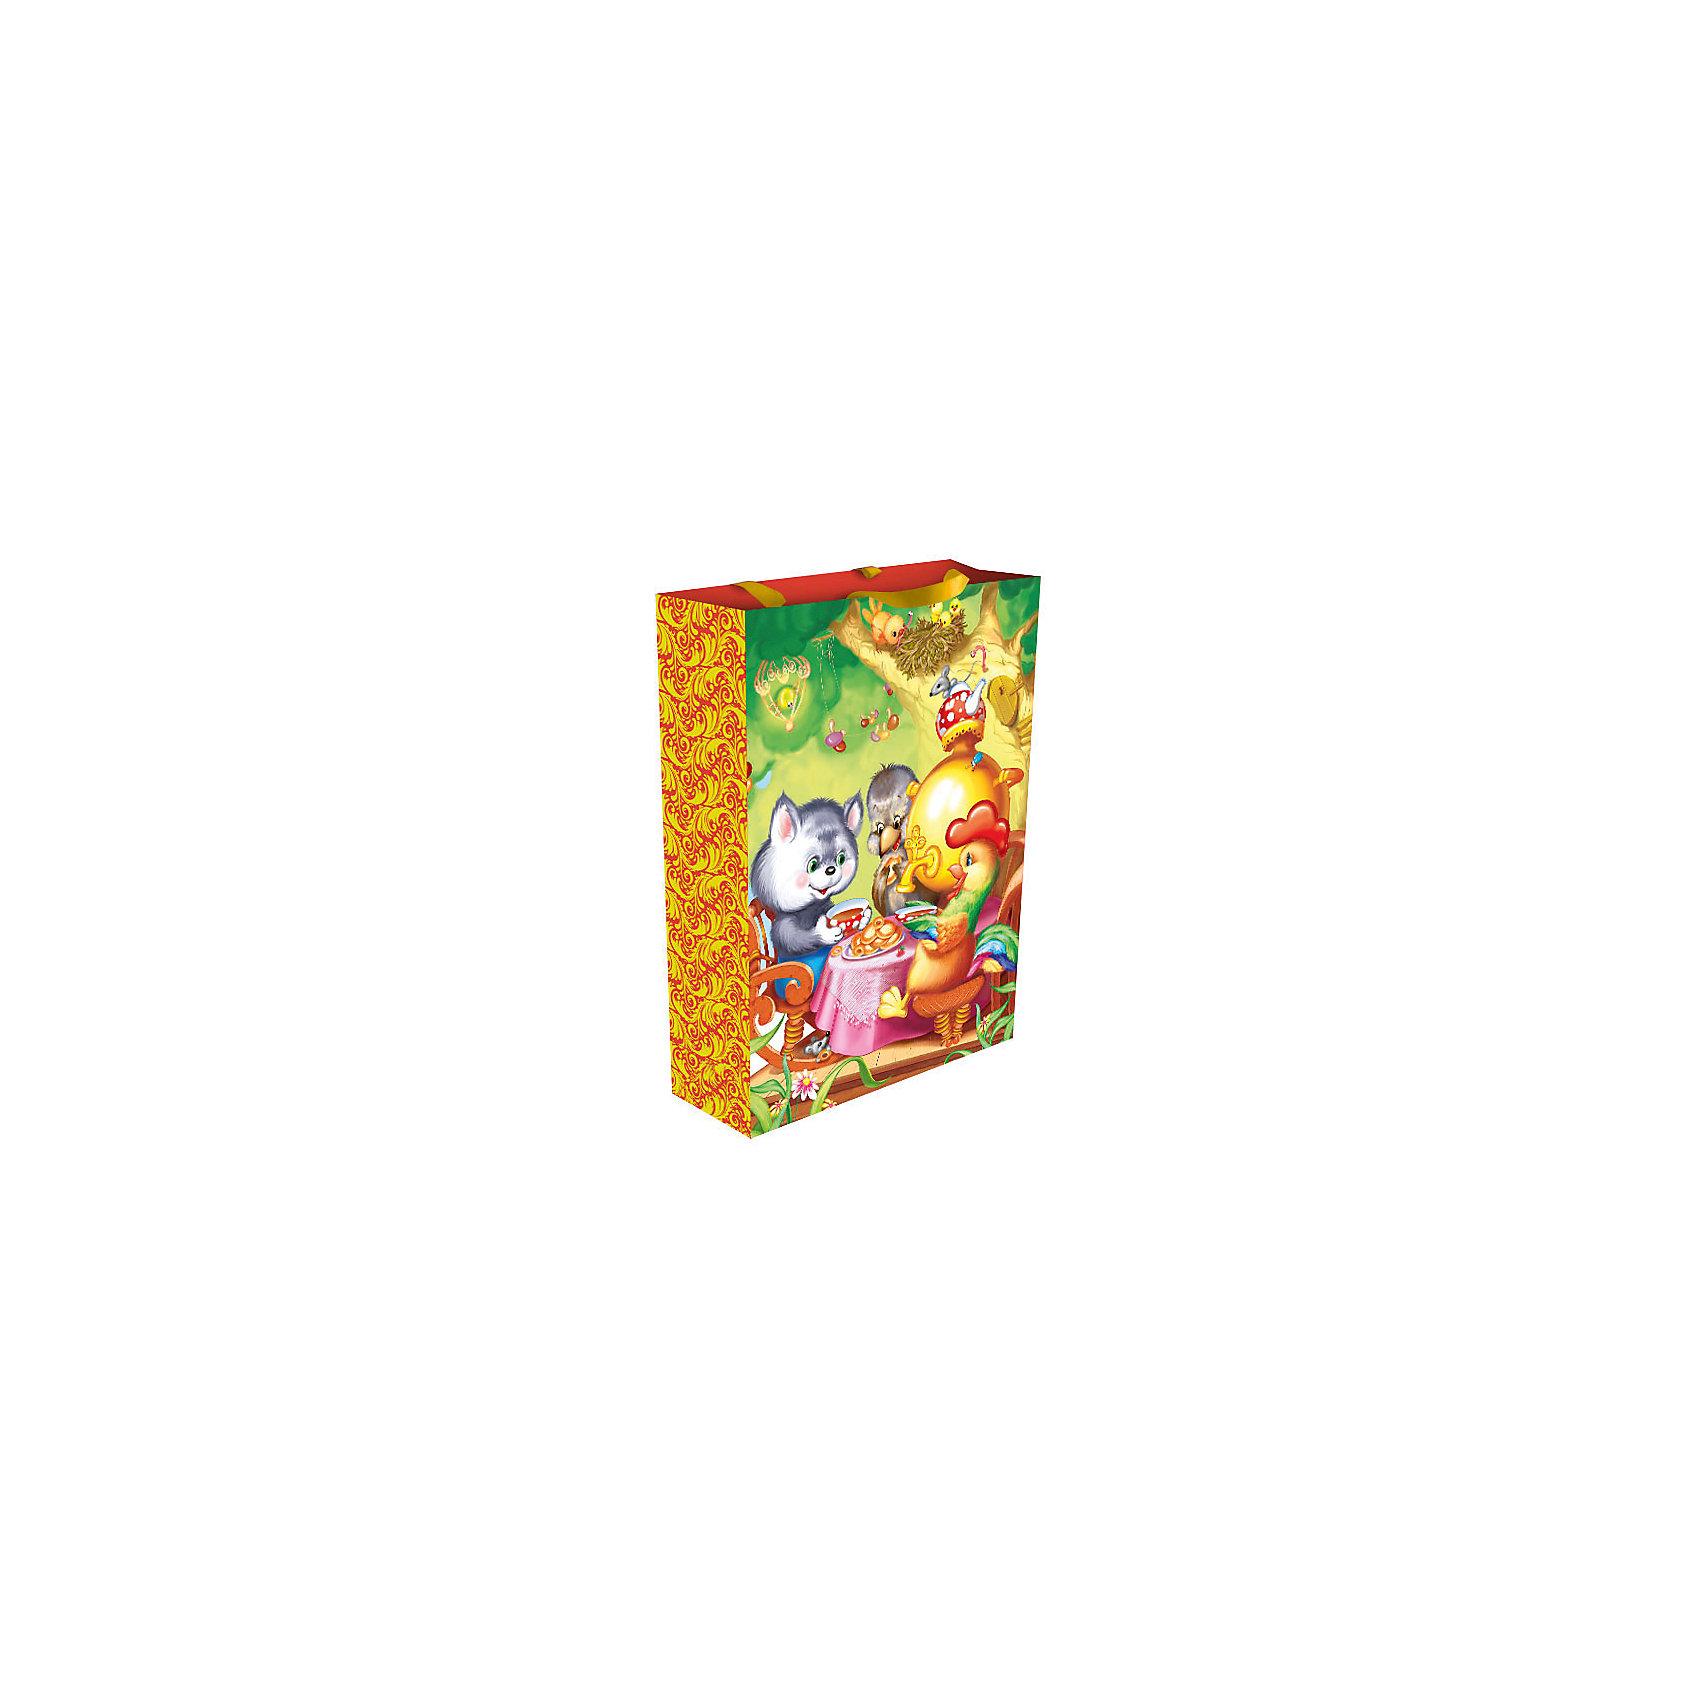 Росмэн Пакет подарочный Теремок 35*25*9 см peppa pig пакет подарочный пеппа и сьюзи 35 х 25 х 9 см